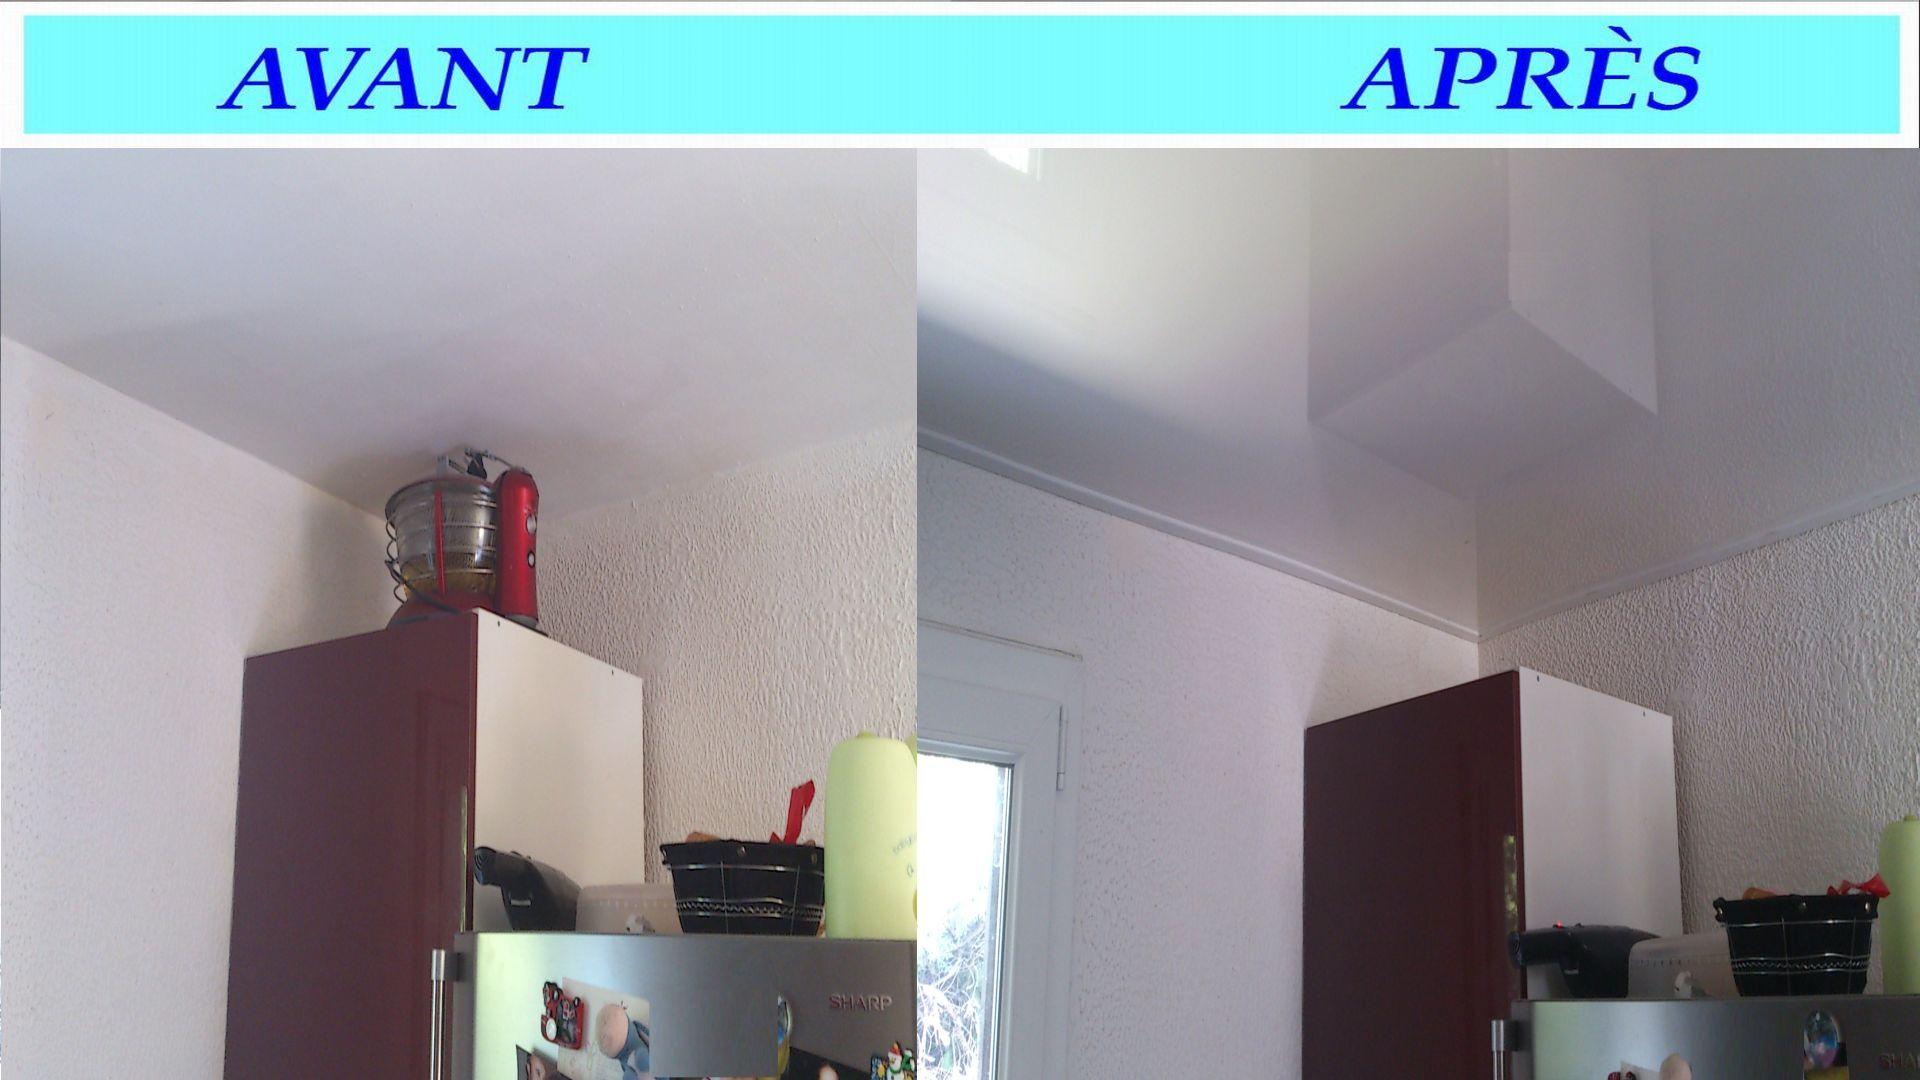 tarif plafond tendu isolation id es. Black Bedroom Furniture Sets. Home Design Ideas